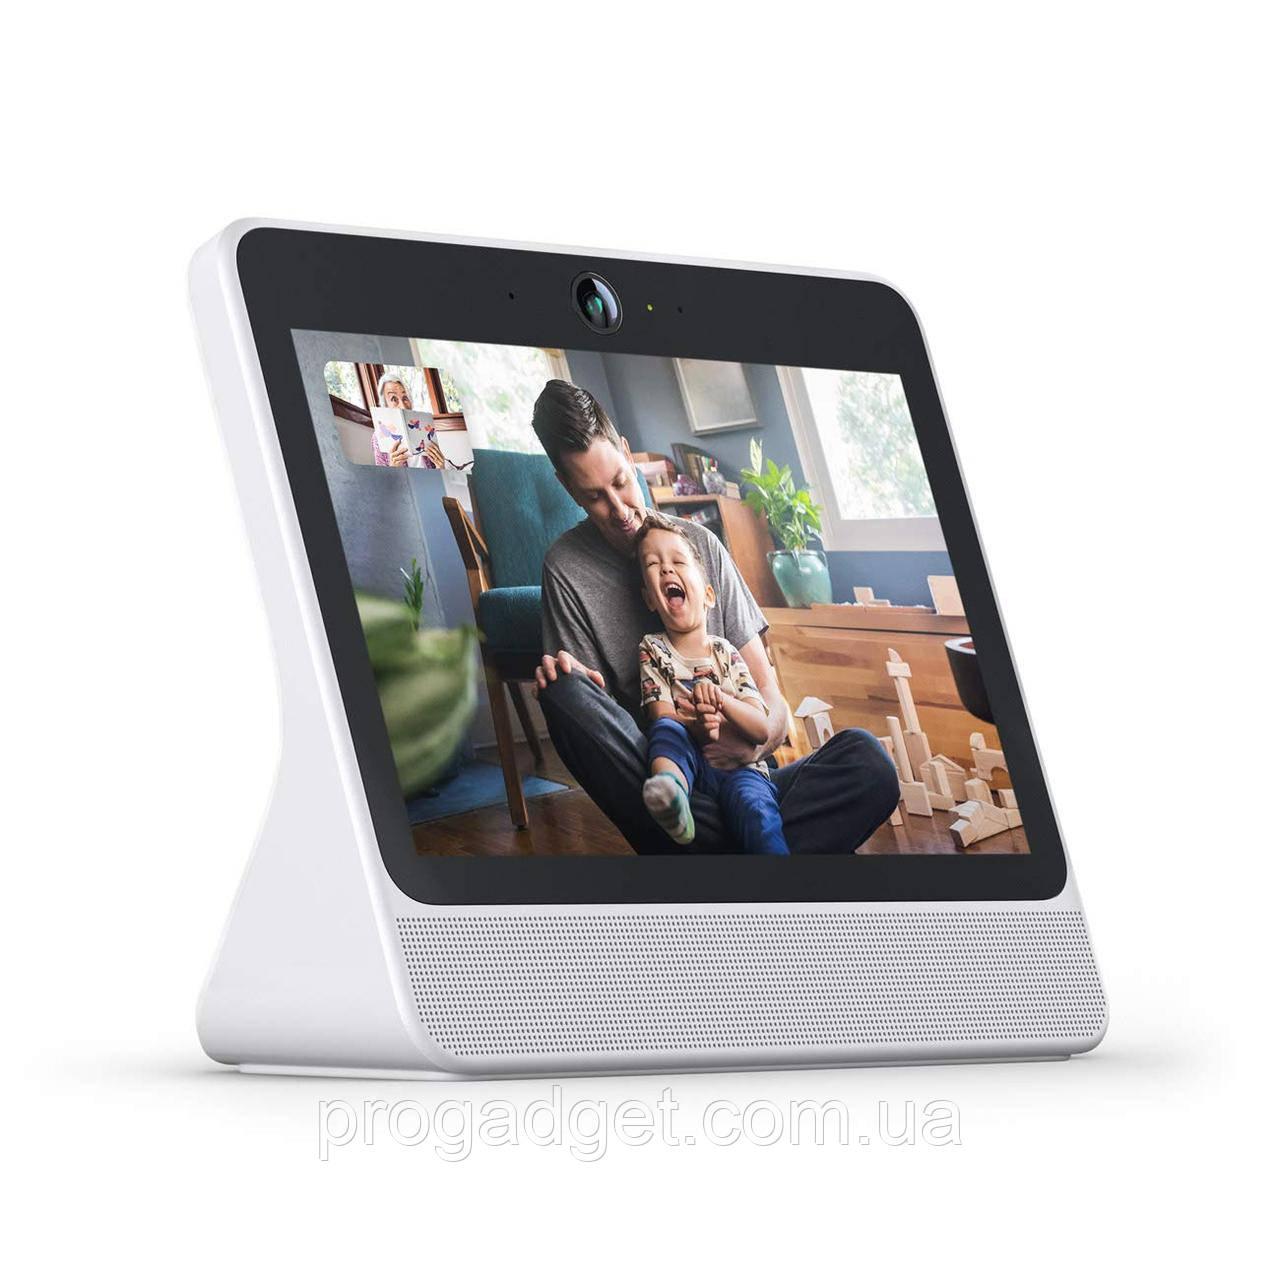 """Facebook Portal 10"""" экран, 10-Вт динамик, голосовое управление, Smart Камера, голосовой помощник Amazon Alexa"""